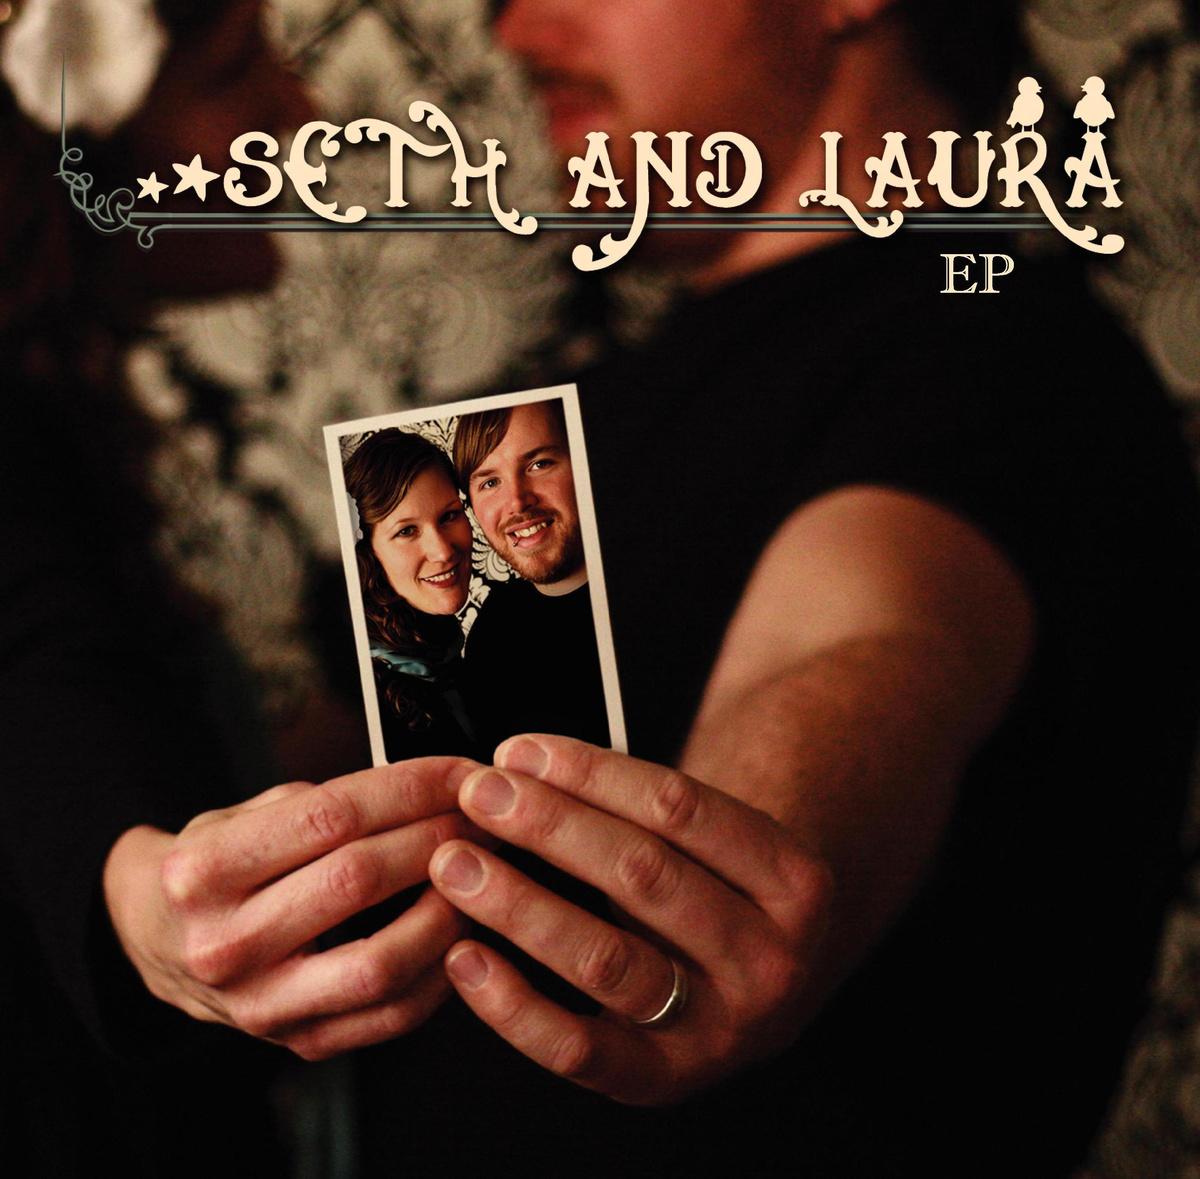 Seth & Laura